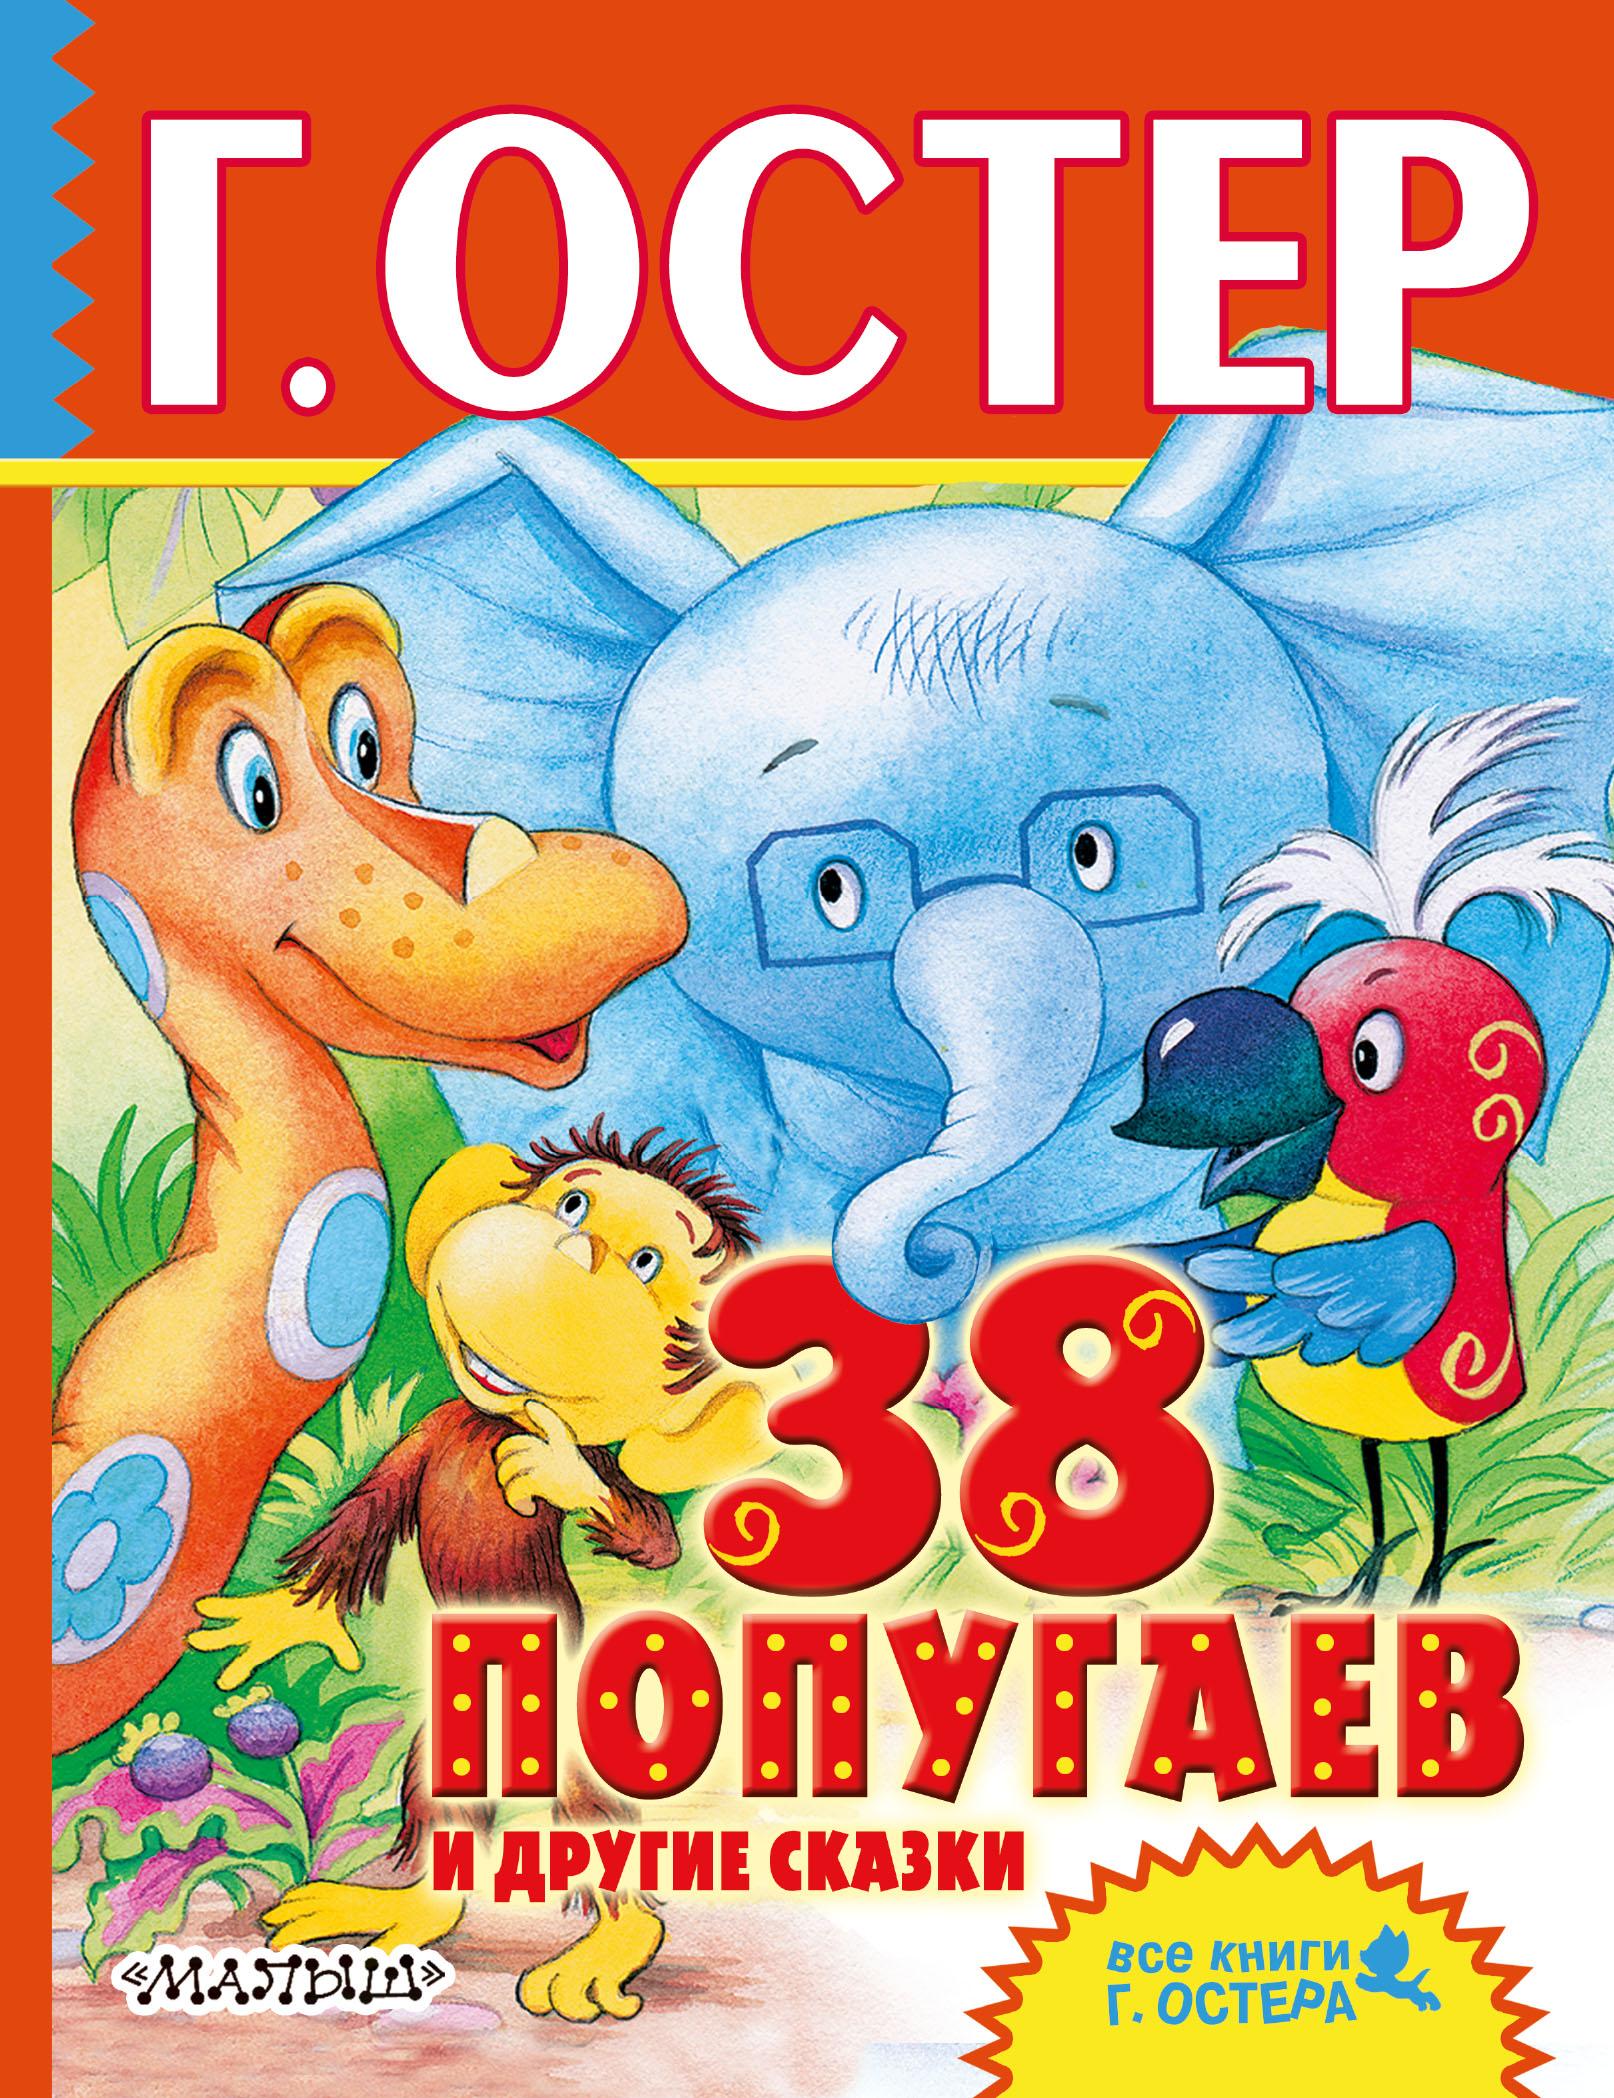 Остер Григорий Бенционович. 38 попугаев и другие сказки